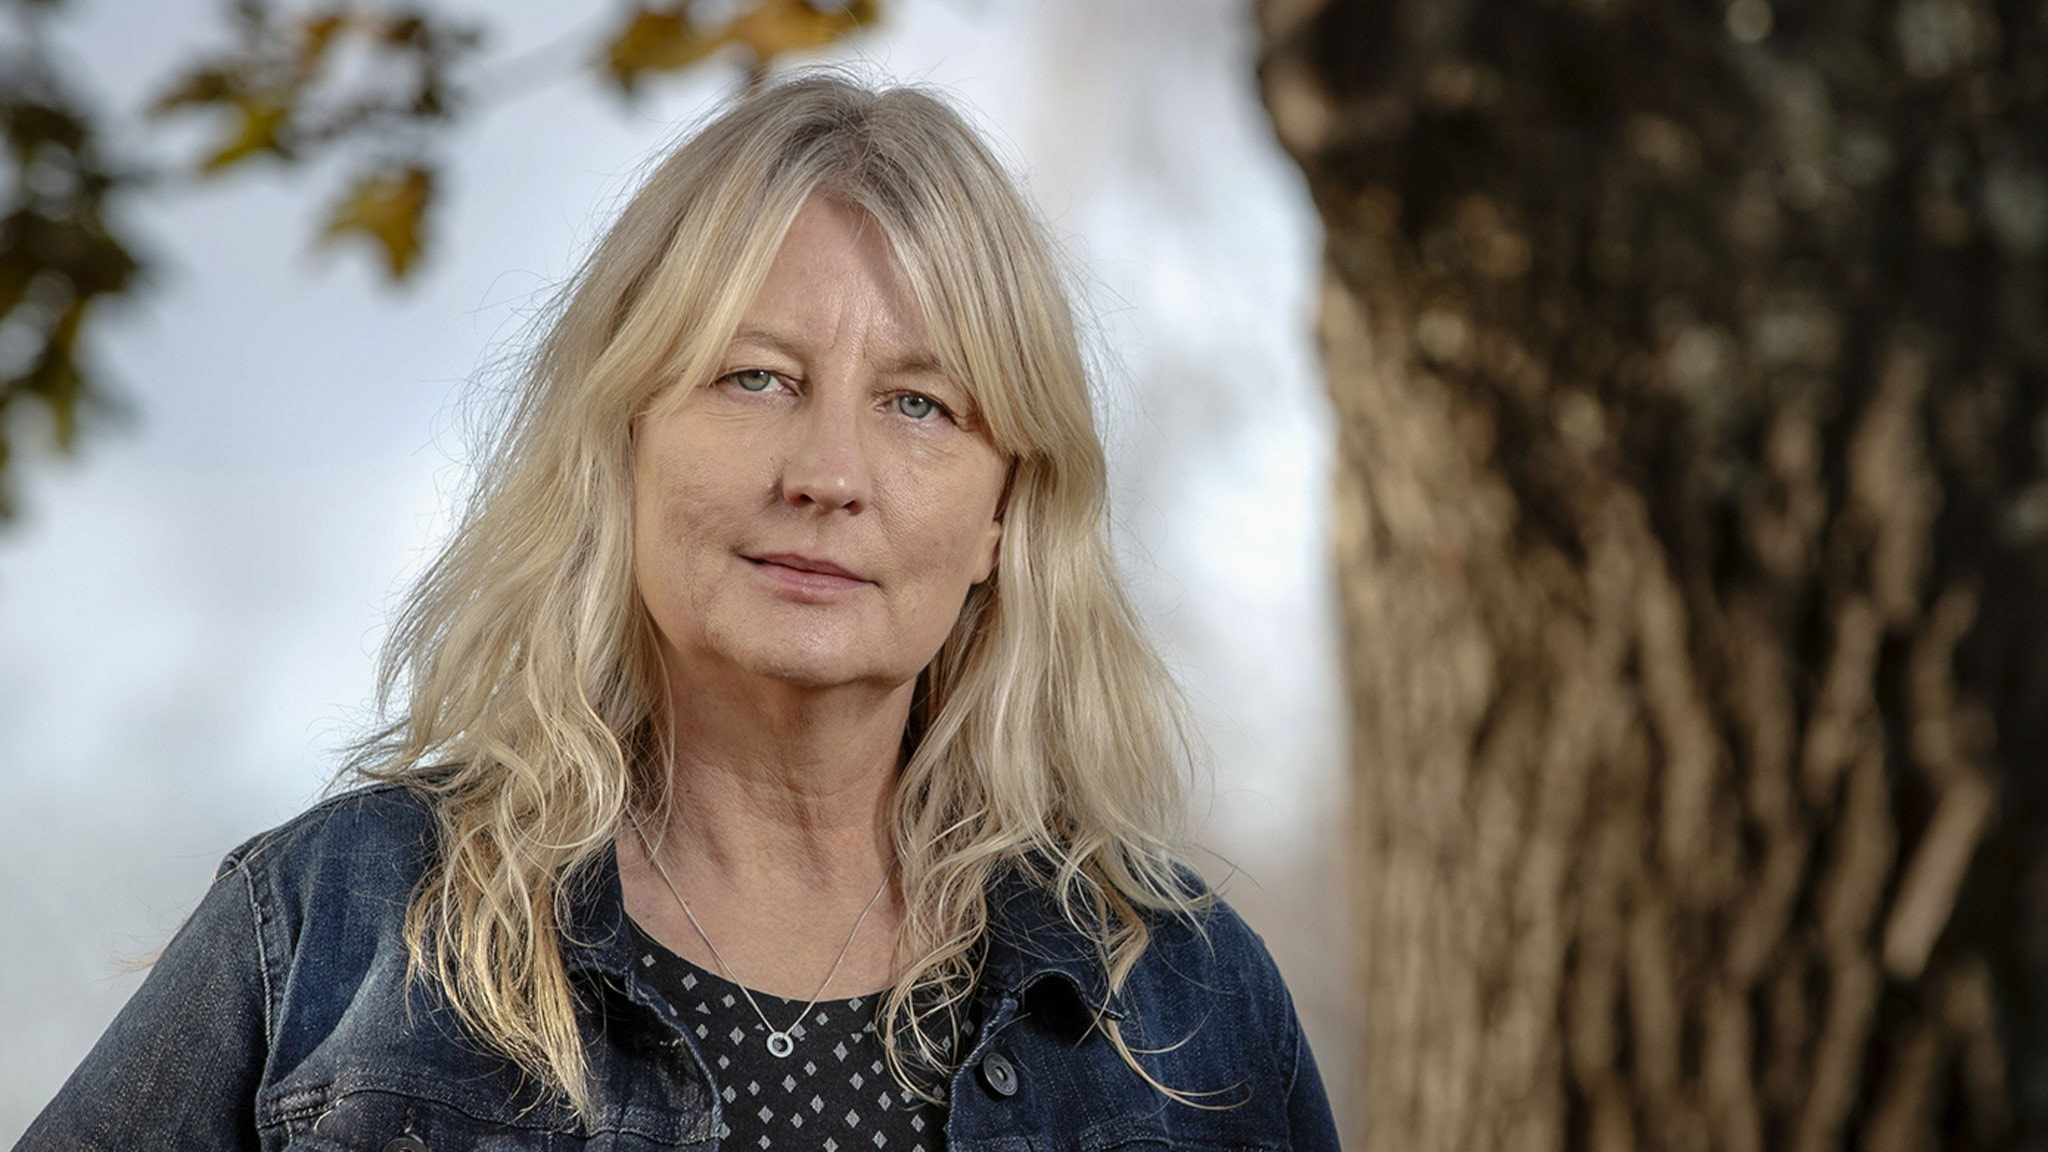 Ett porträtt av författaren Karin Smirnoff med ljust långt hår och klädd i jeansjacka vid en trädstam.